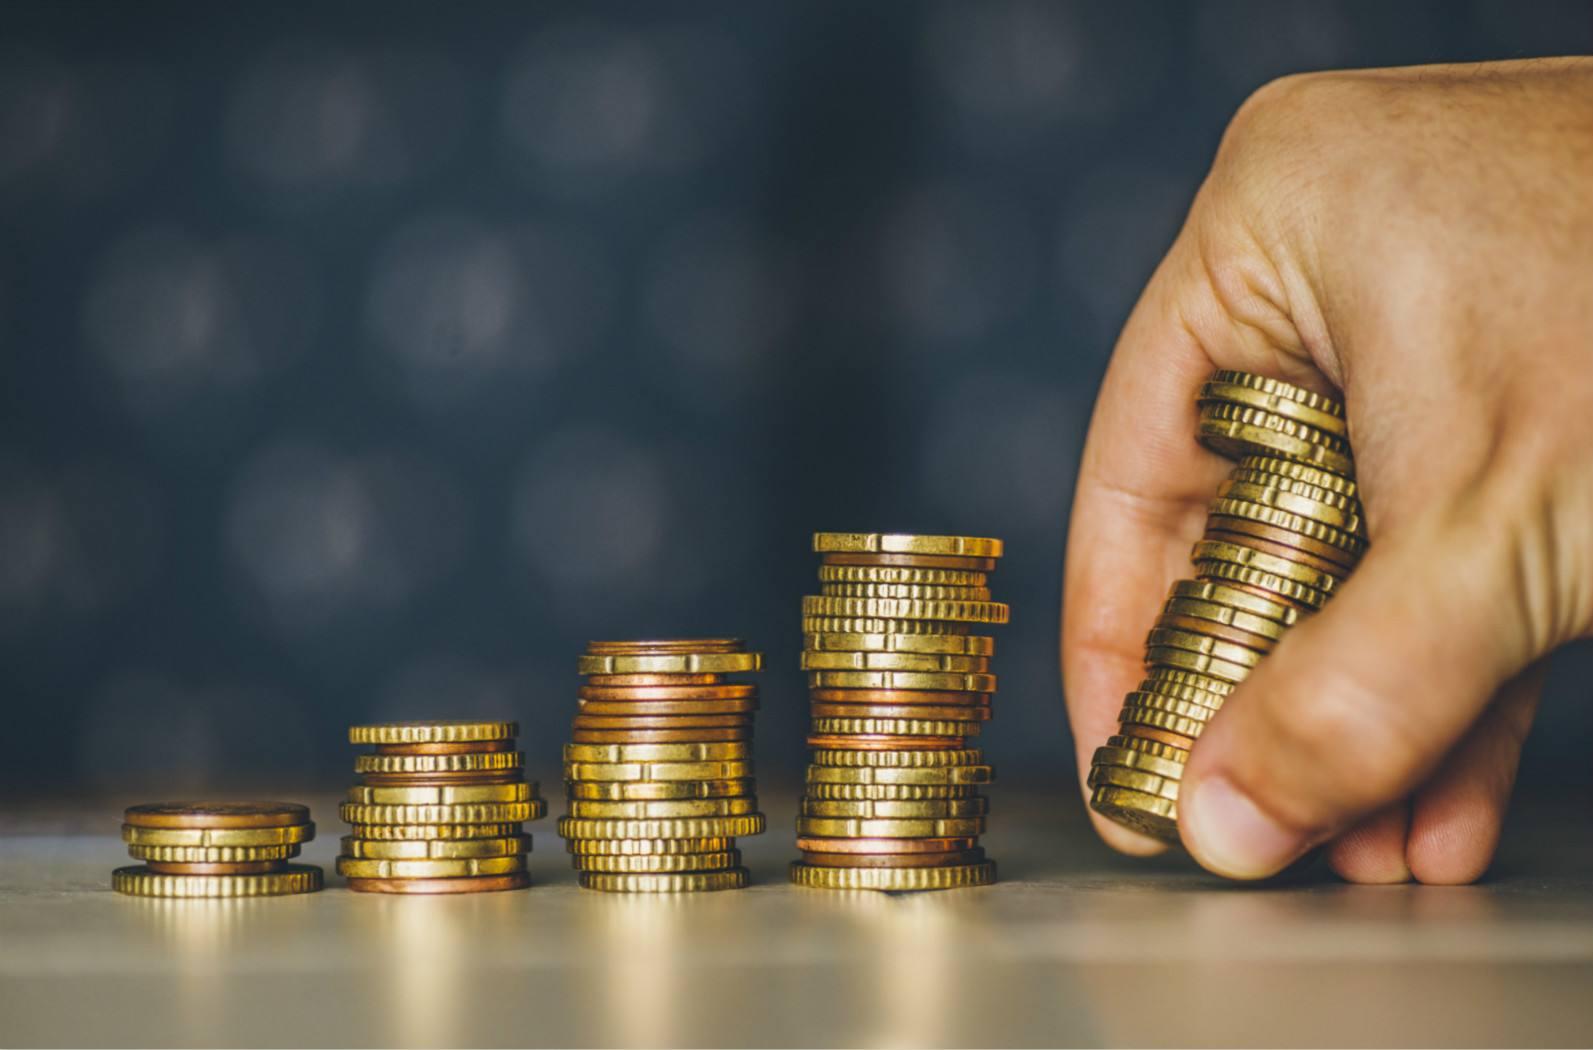 【企服快讯】Bespin Global 获超过5.3亿人民币B轮融资,由STT及DY控股投资